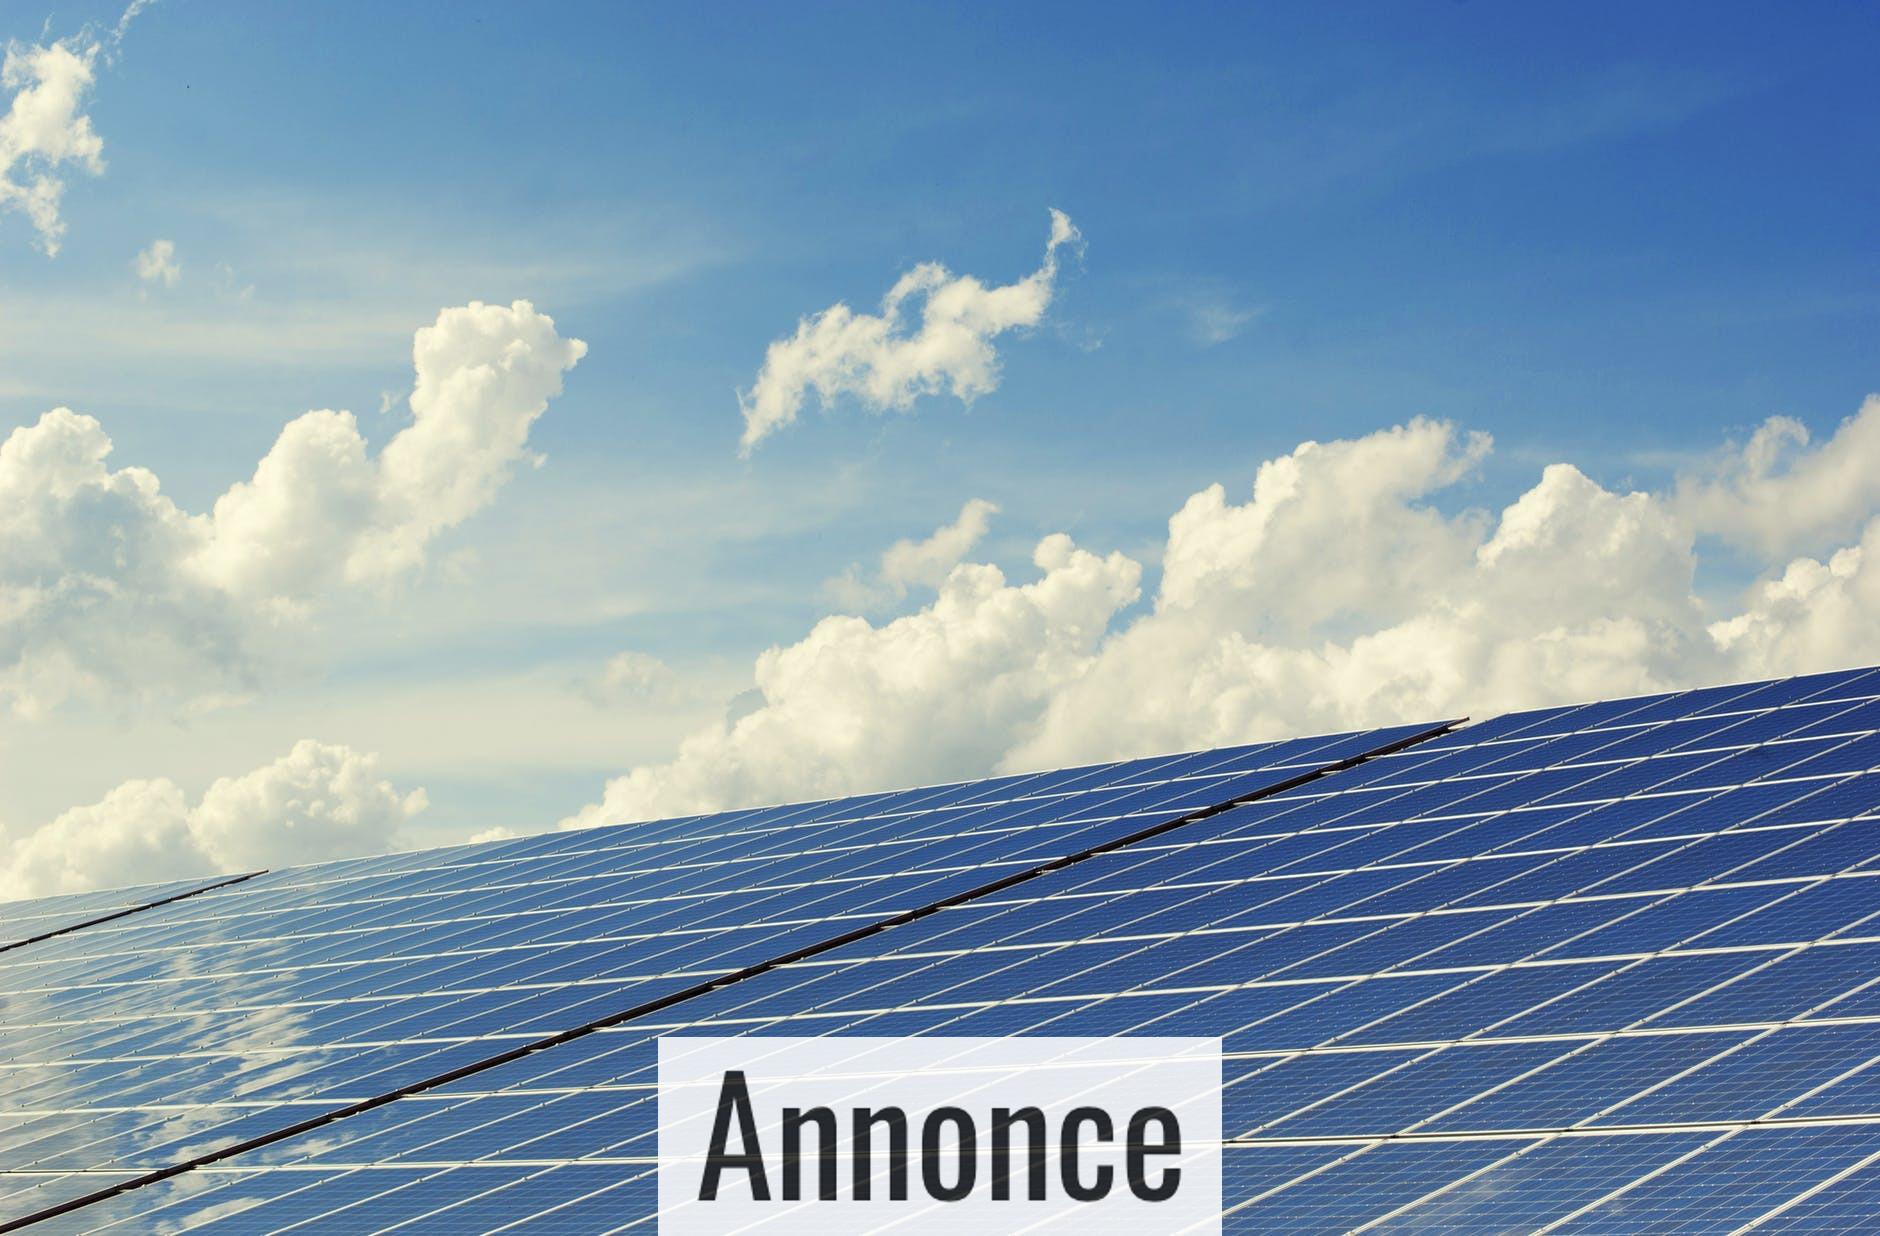 Få solceller på taget og reducér elregningen